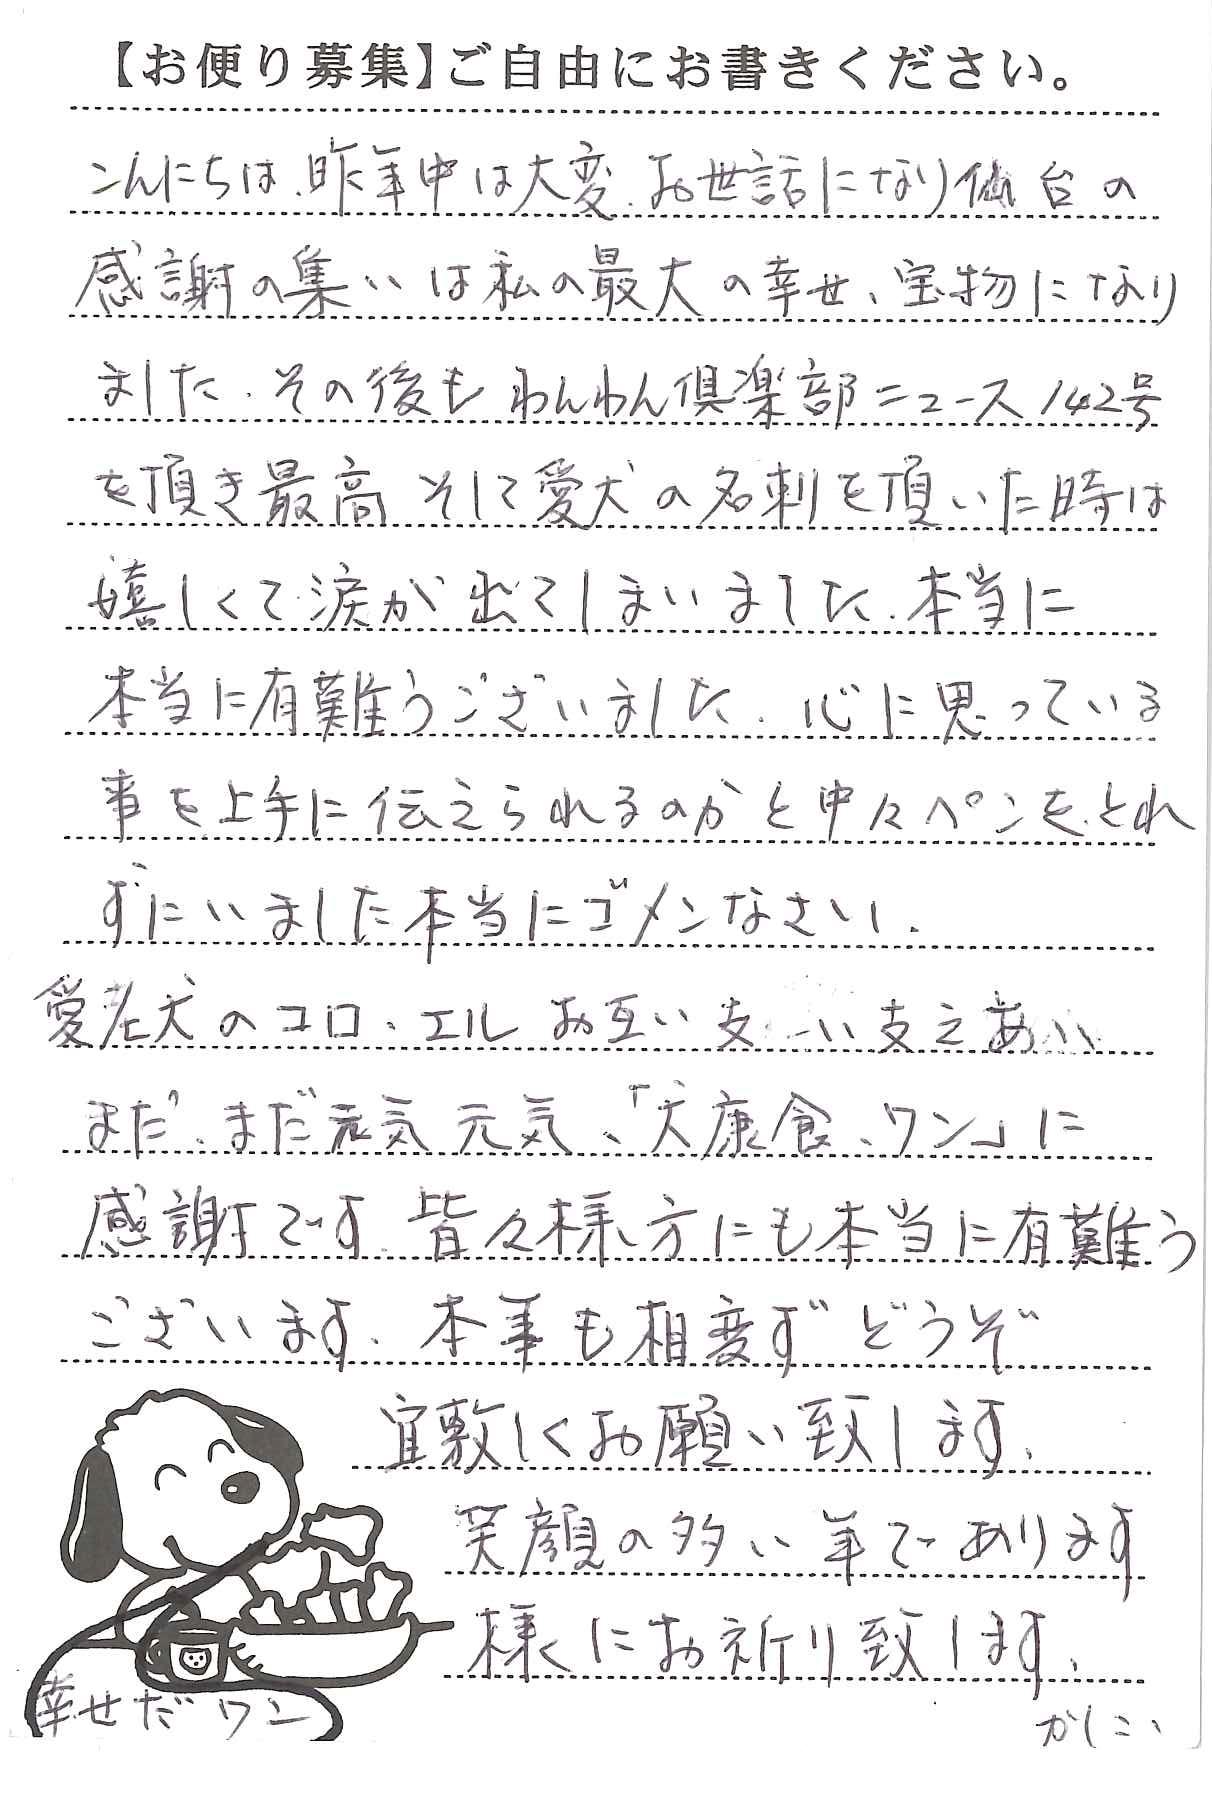 エルちゃん コロくん 画像2